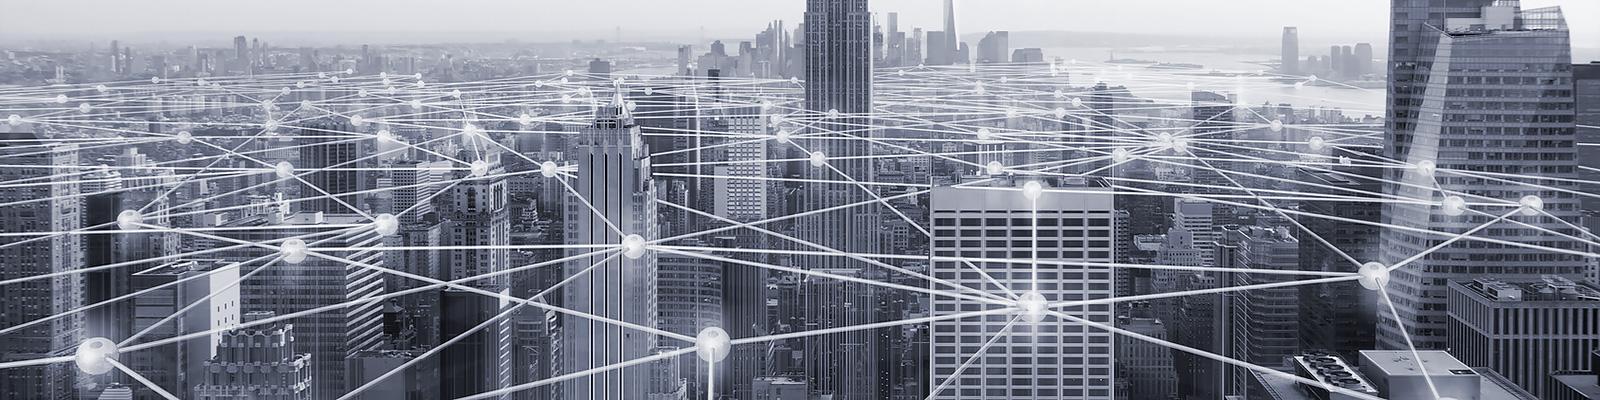 通信 ネットワーク イメージ